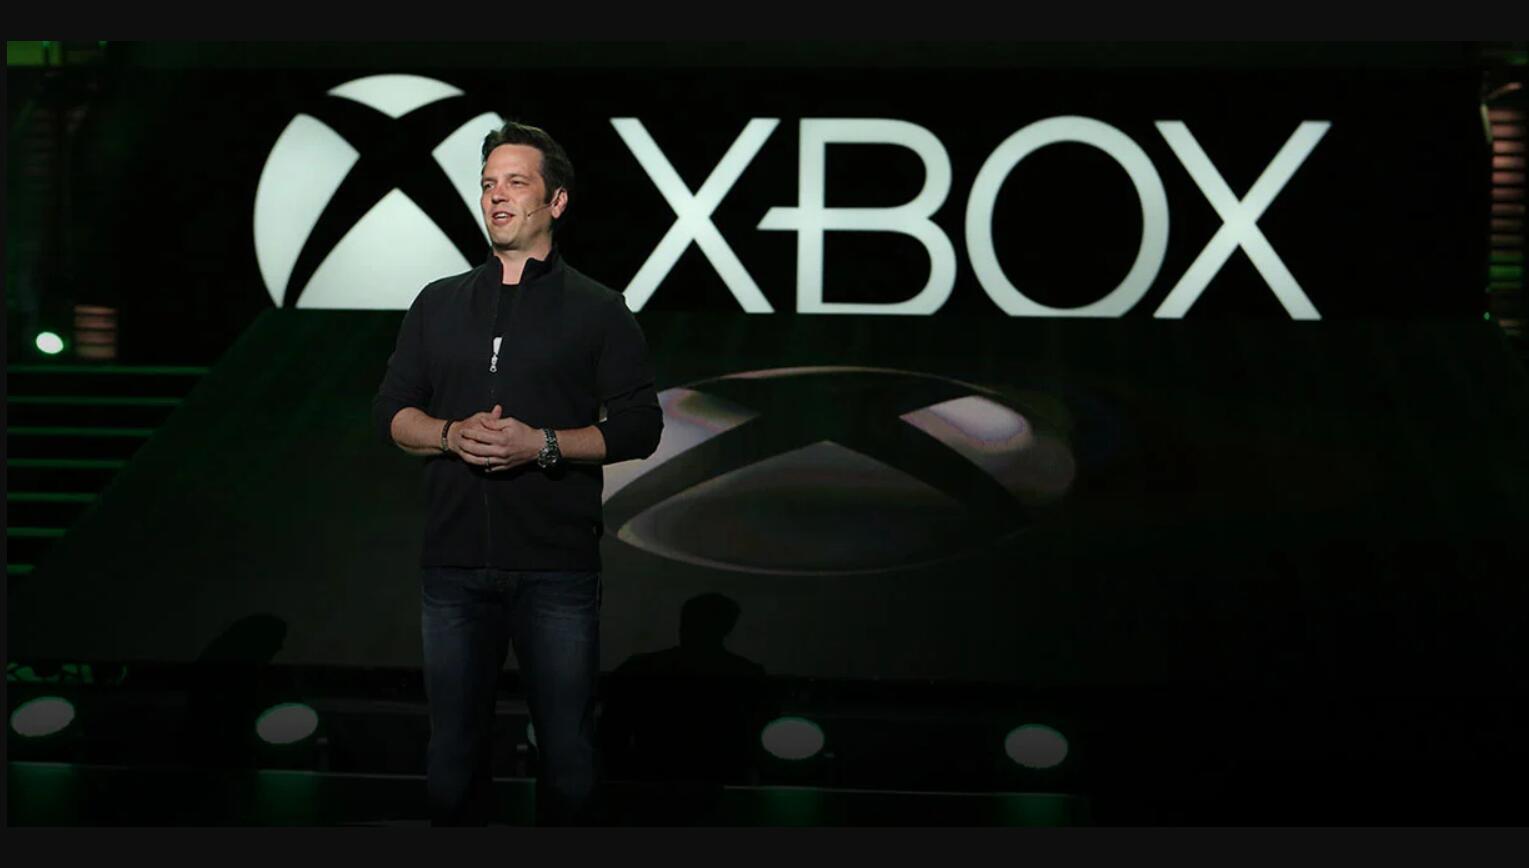 微软或于3月底进行游戏发布活动 公布小型游戏作品